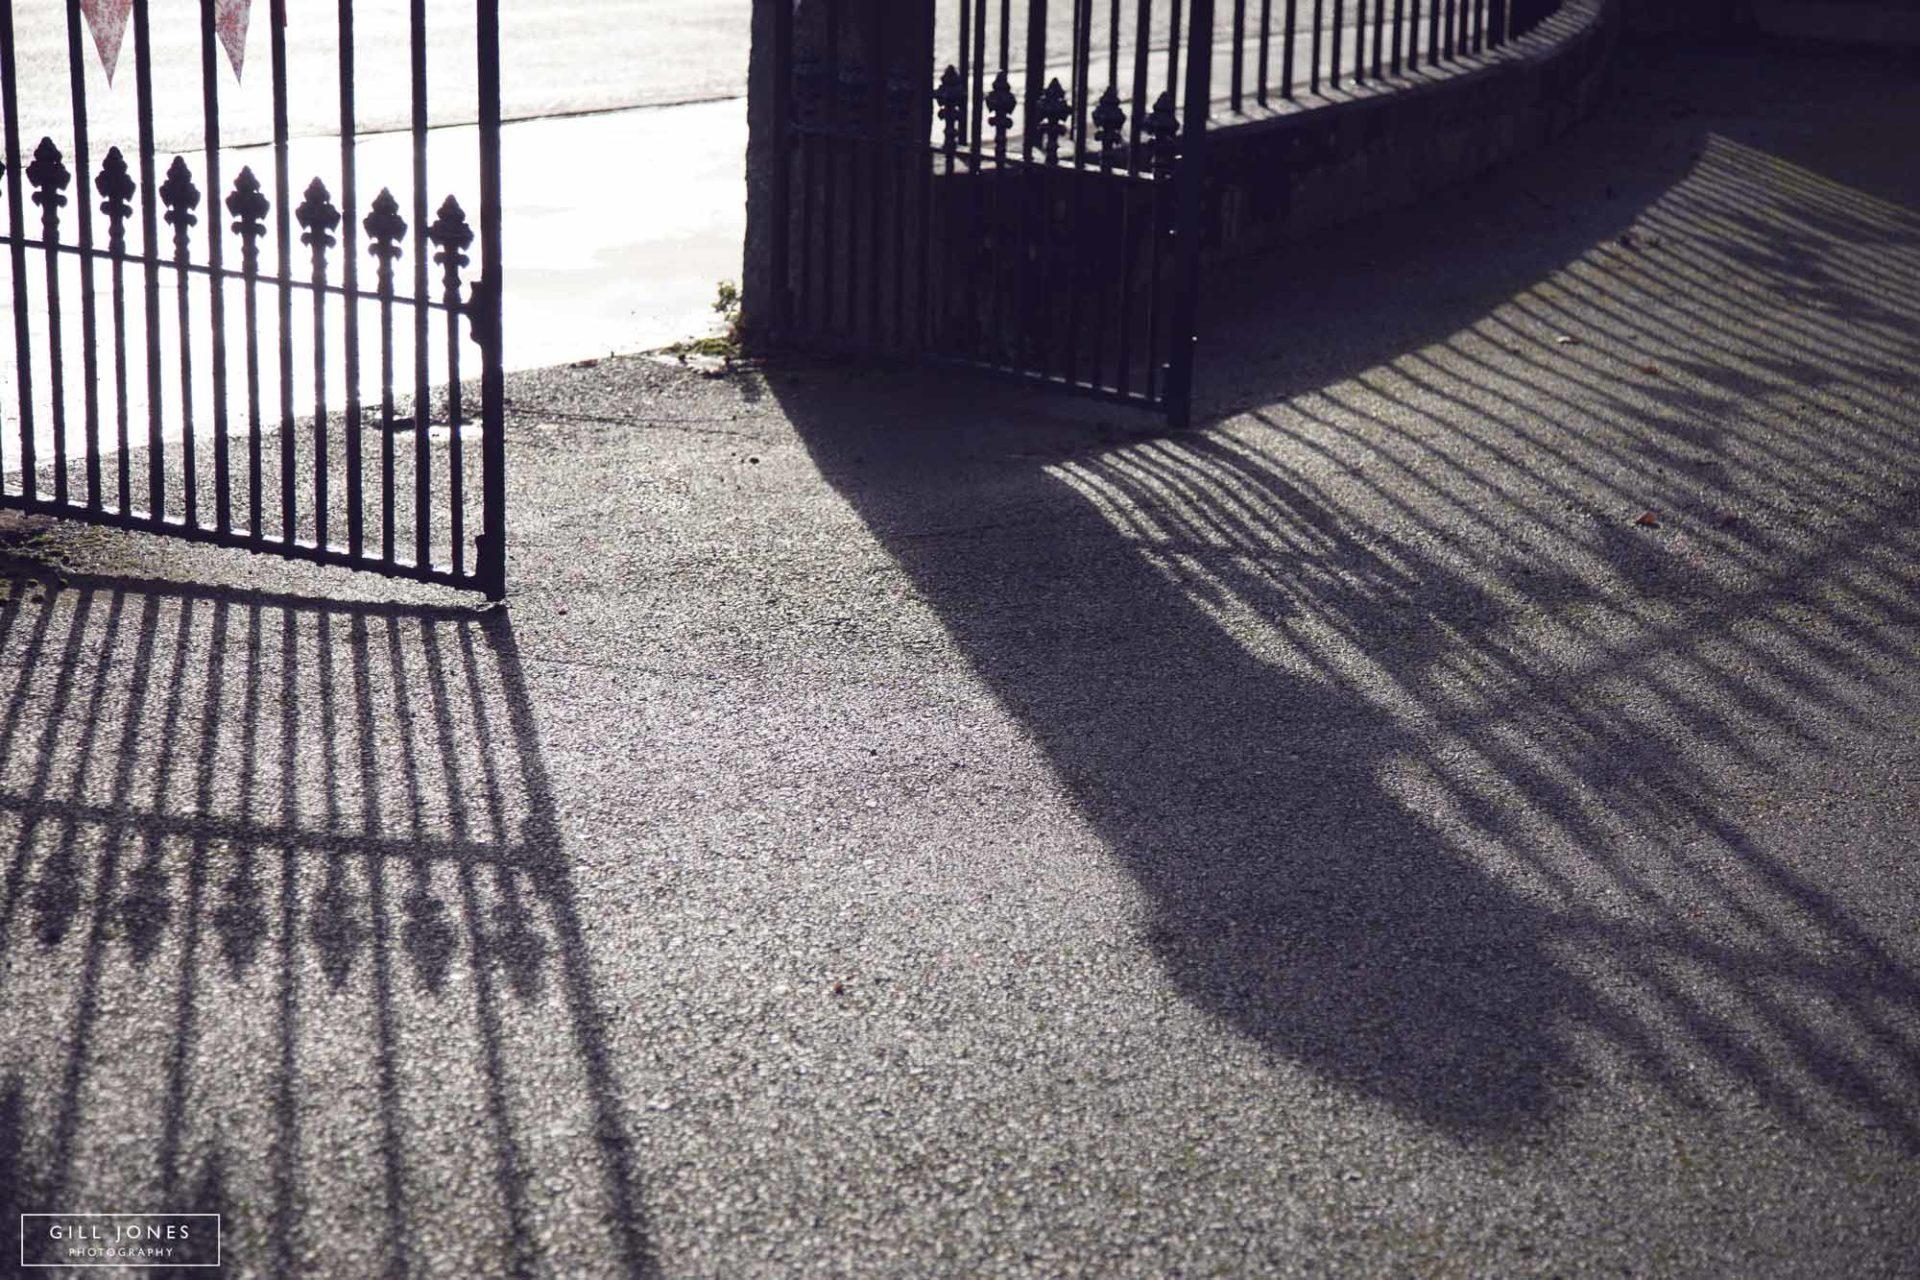 shadows of Chapel gates